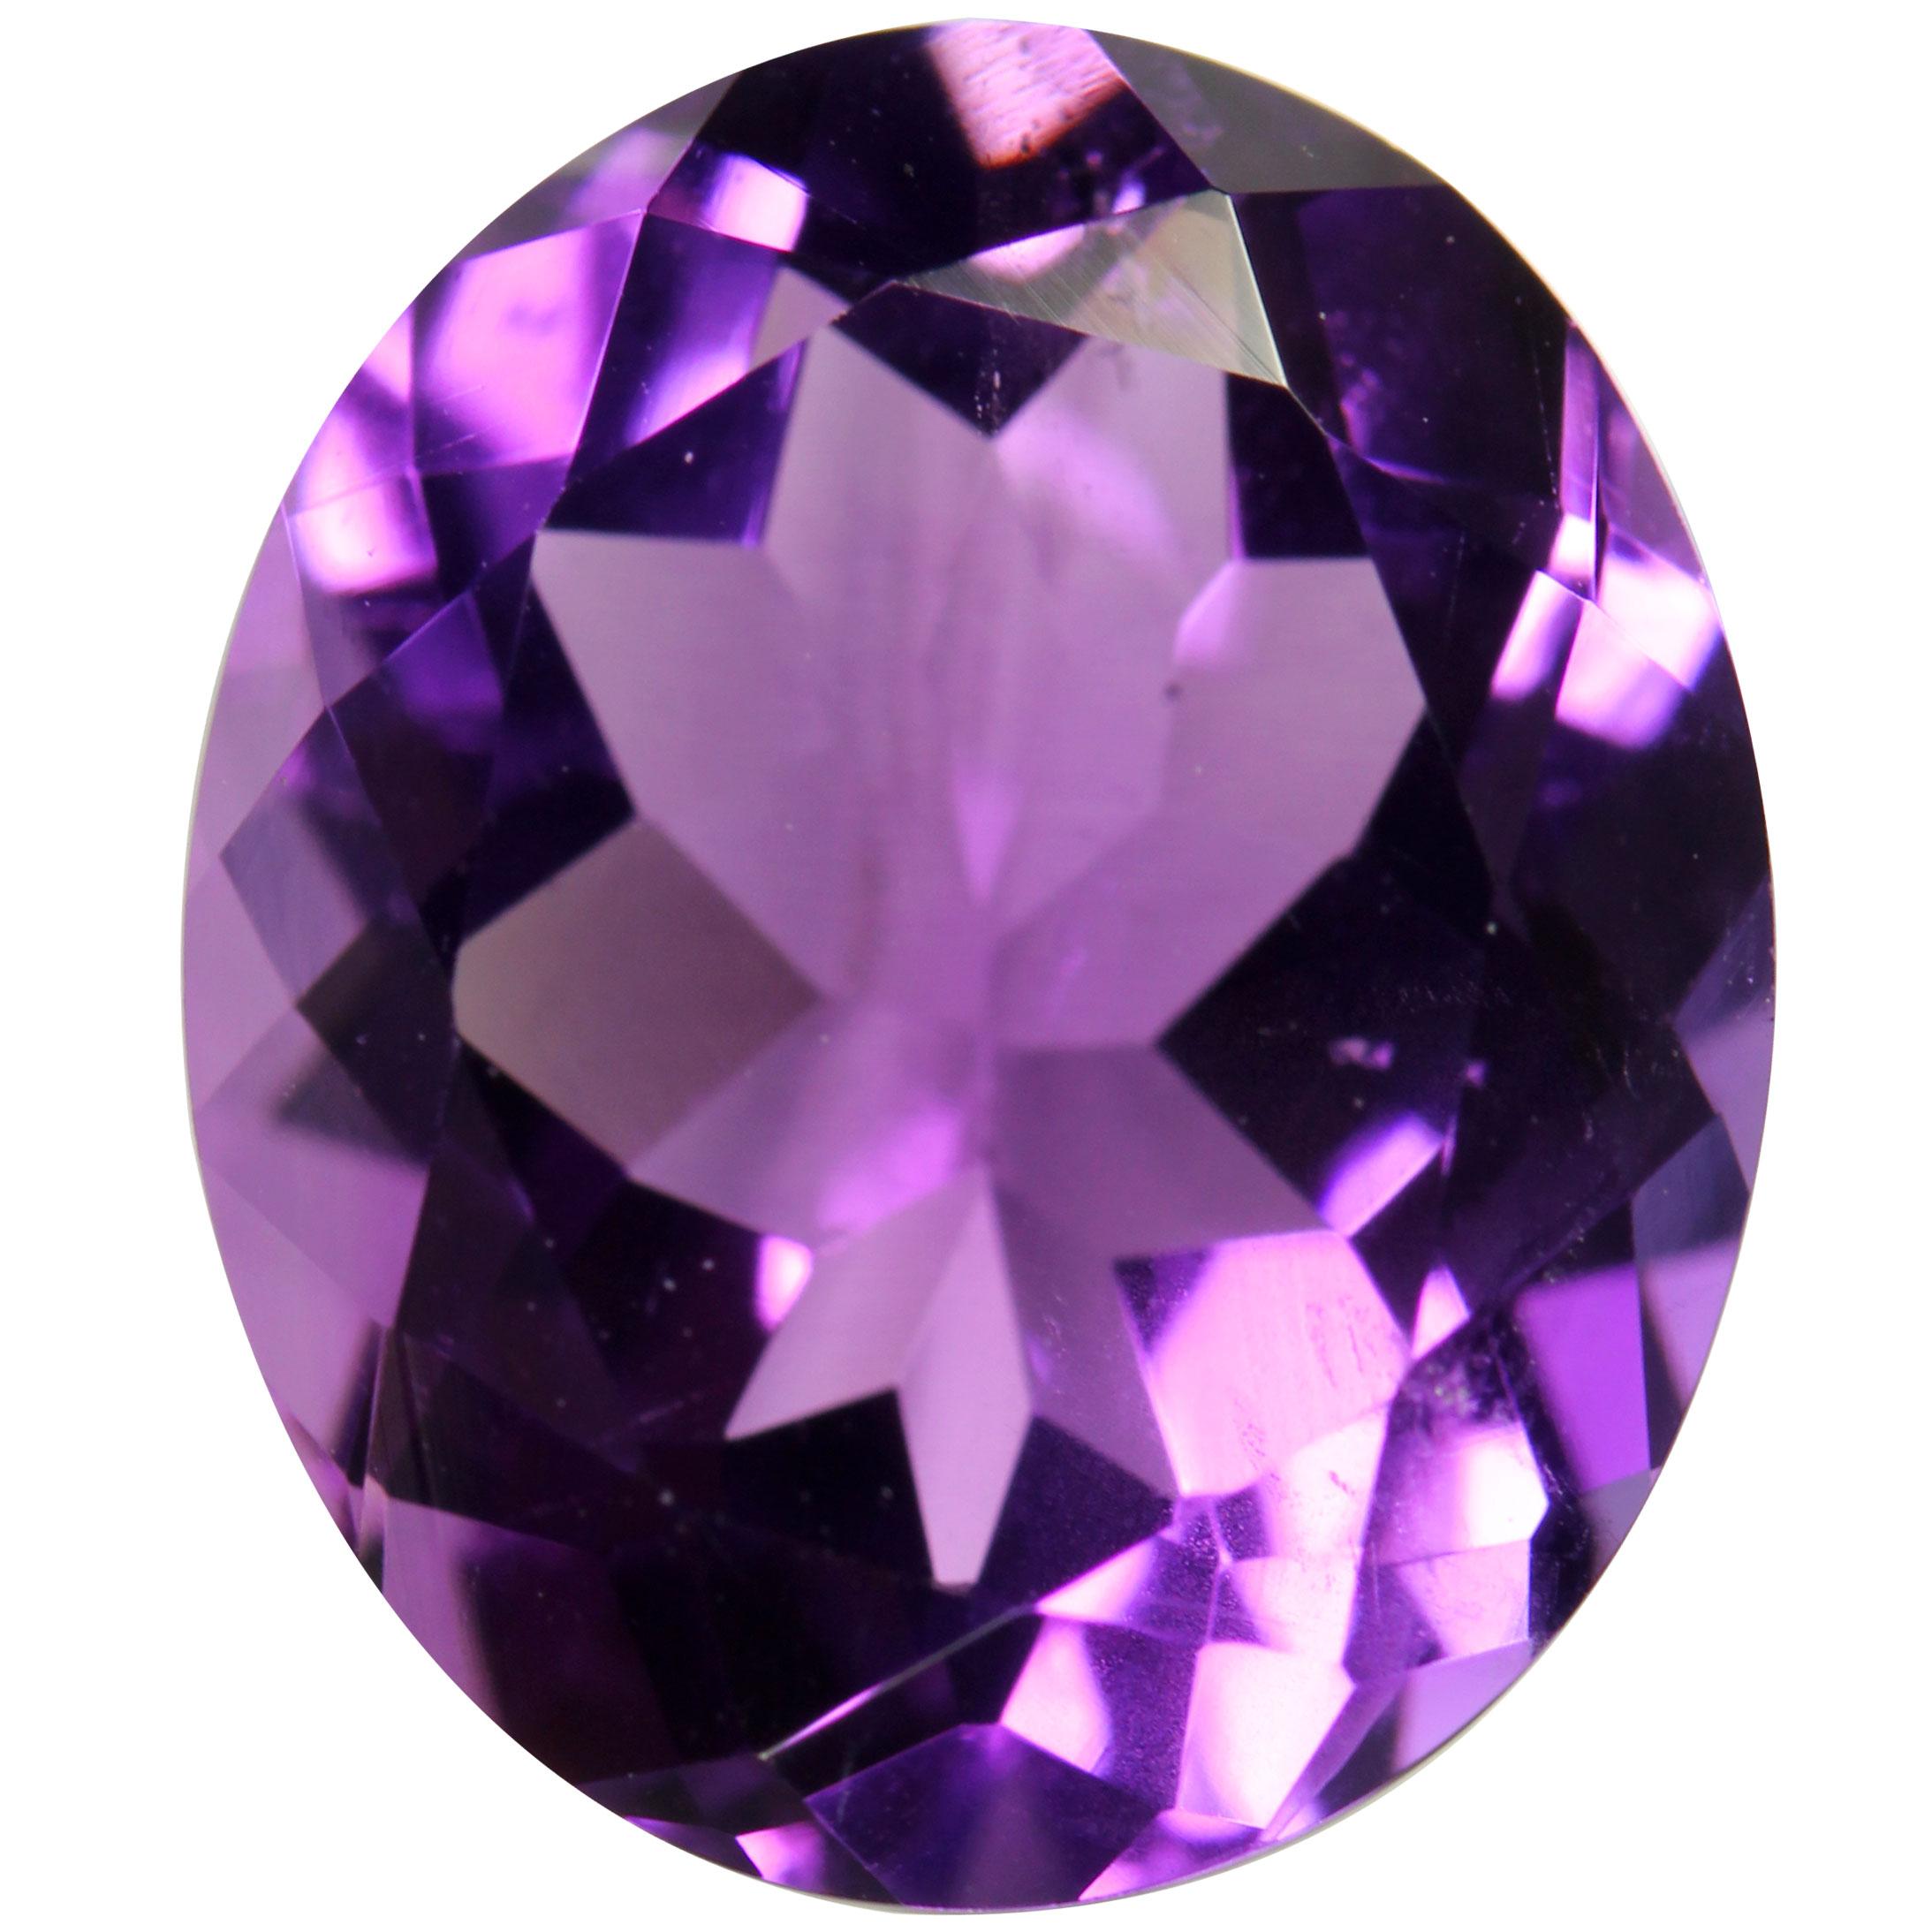 Resultado de imagen para amethyst gemstones